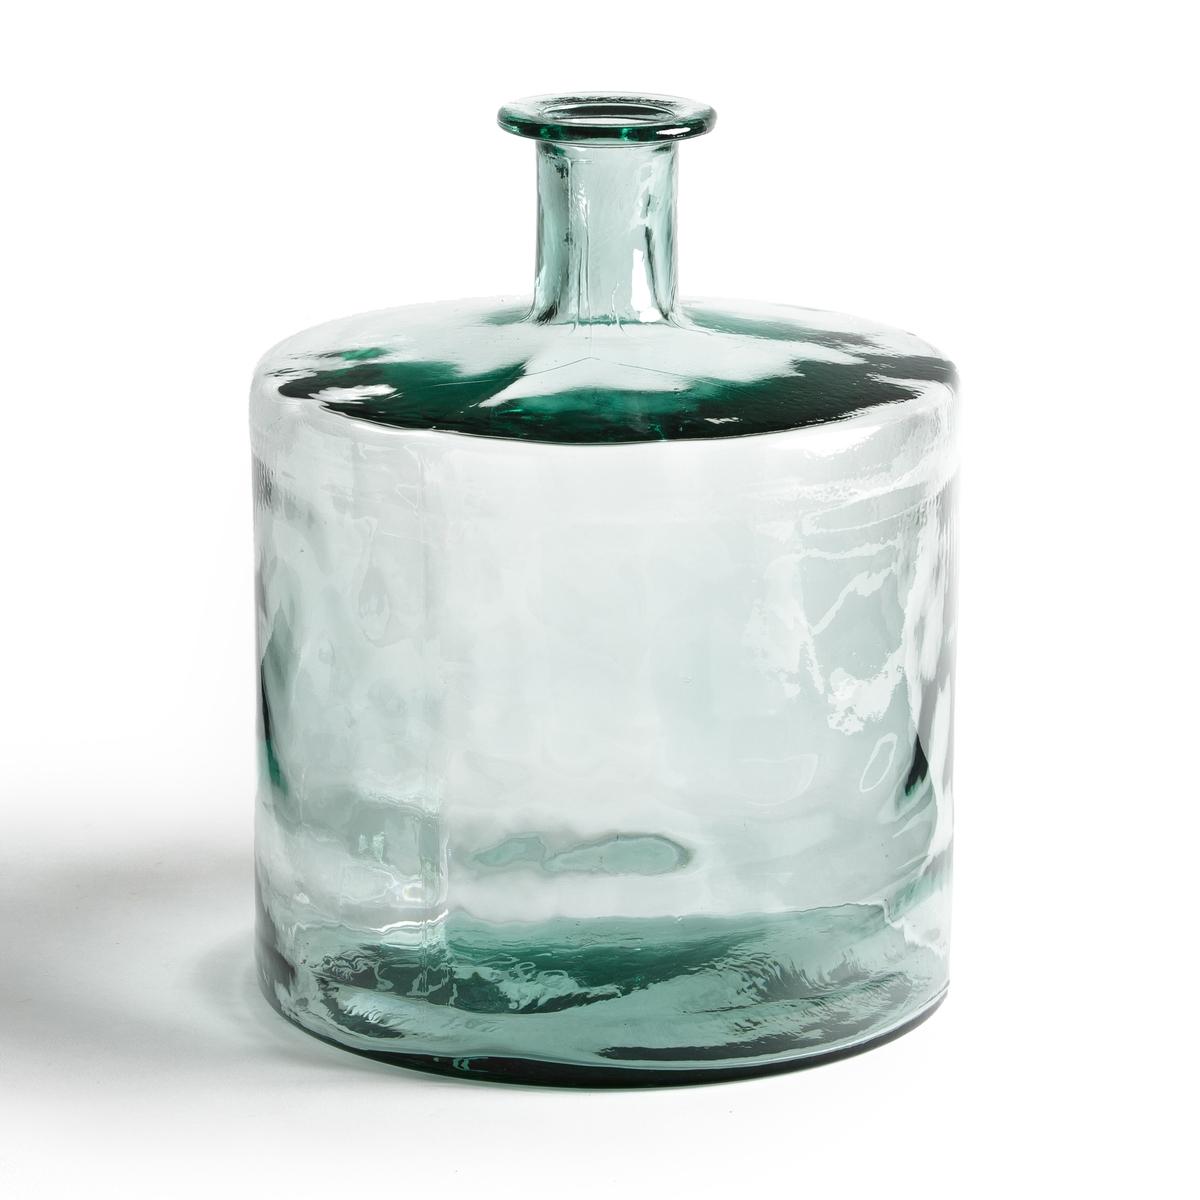 Ваза-бутыль, IZOLIAХарактеристики вазы-бутыли Izolia :Переработанное стекло.Всю коллекцию Izolia ищите на сайте laredoute.ruРазмеры вазы-бутыли Izolia :Диаметр : ?36 смВысота : 45 смРазмеры и вес упаковки:1 упаковкаШ39 x В39 x Г48 см, 11 кг<br><br>Цвет: стеклянный крашеный